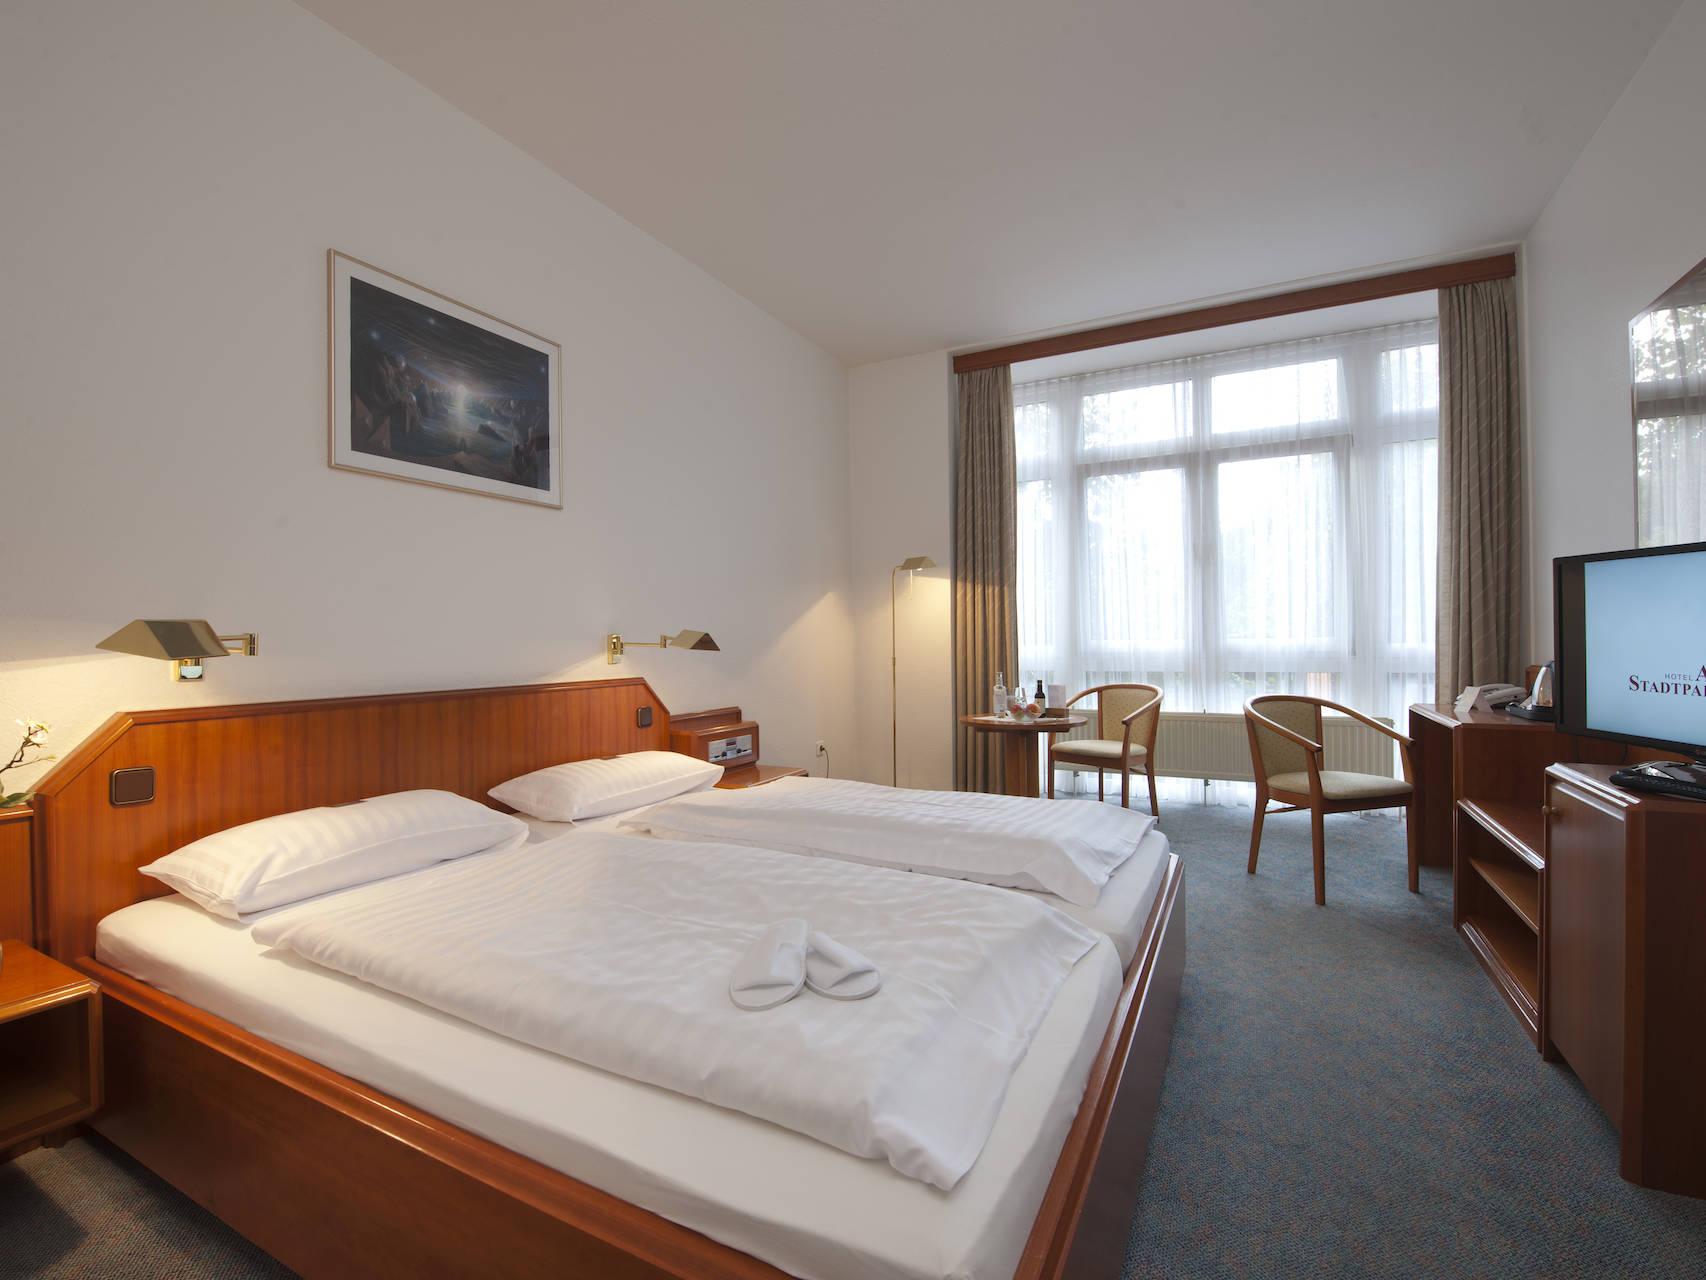 Zimmer Hotel am Stadtpark Buxtehude 4 uai